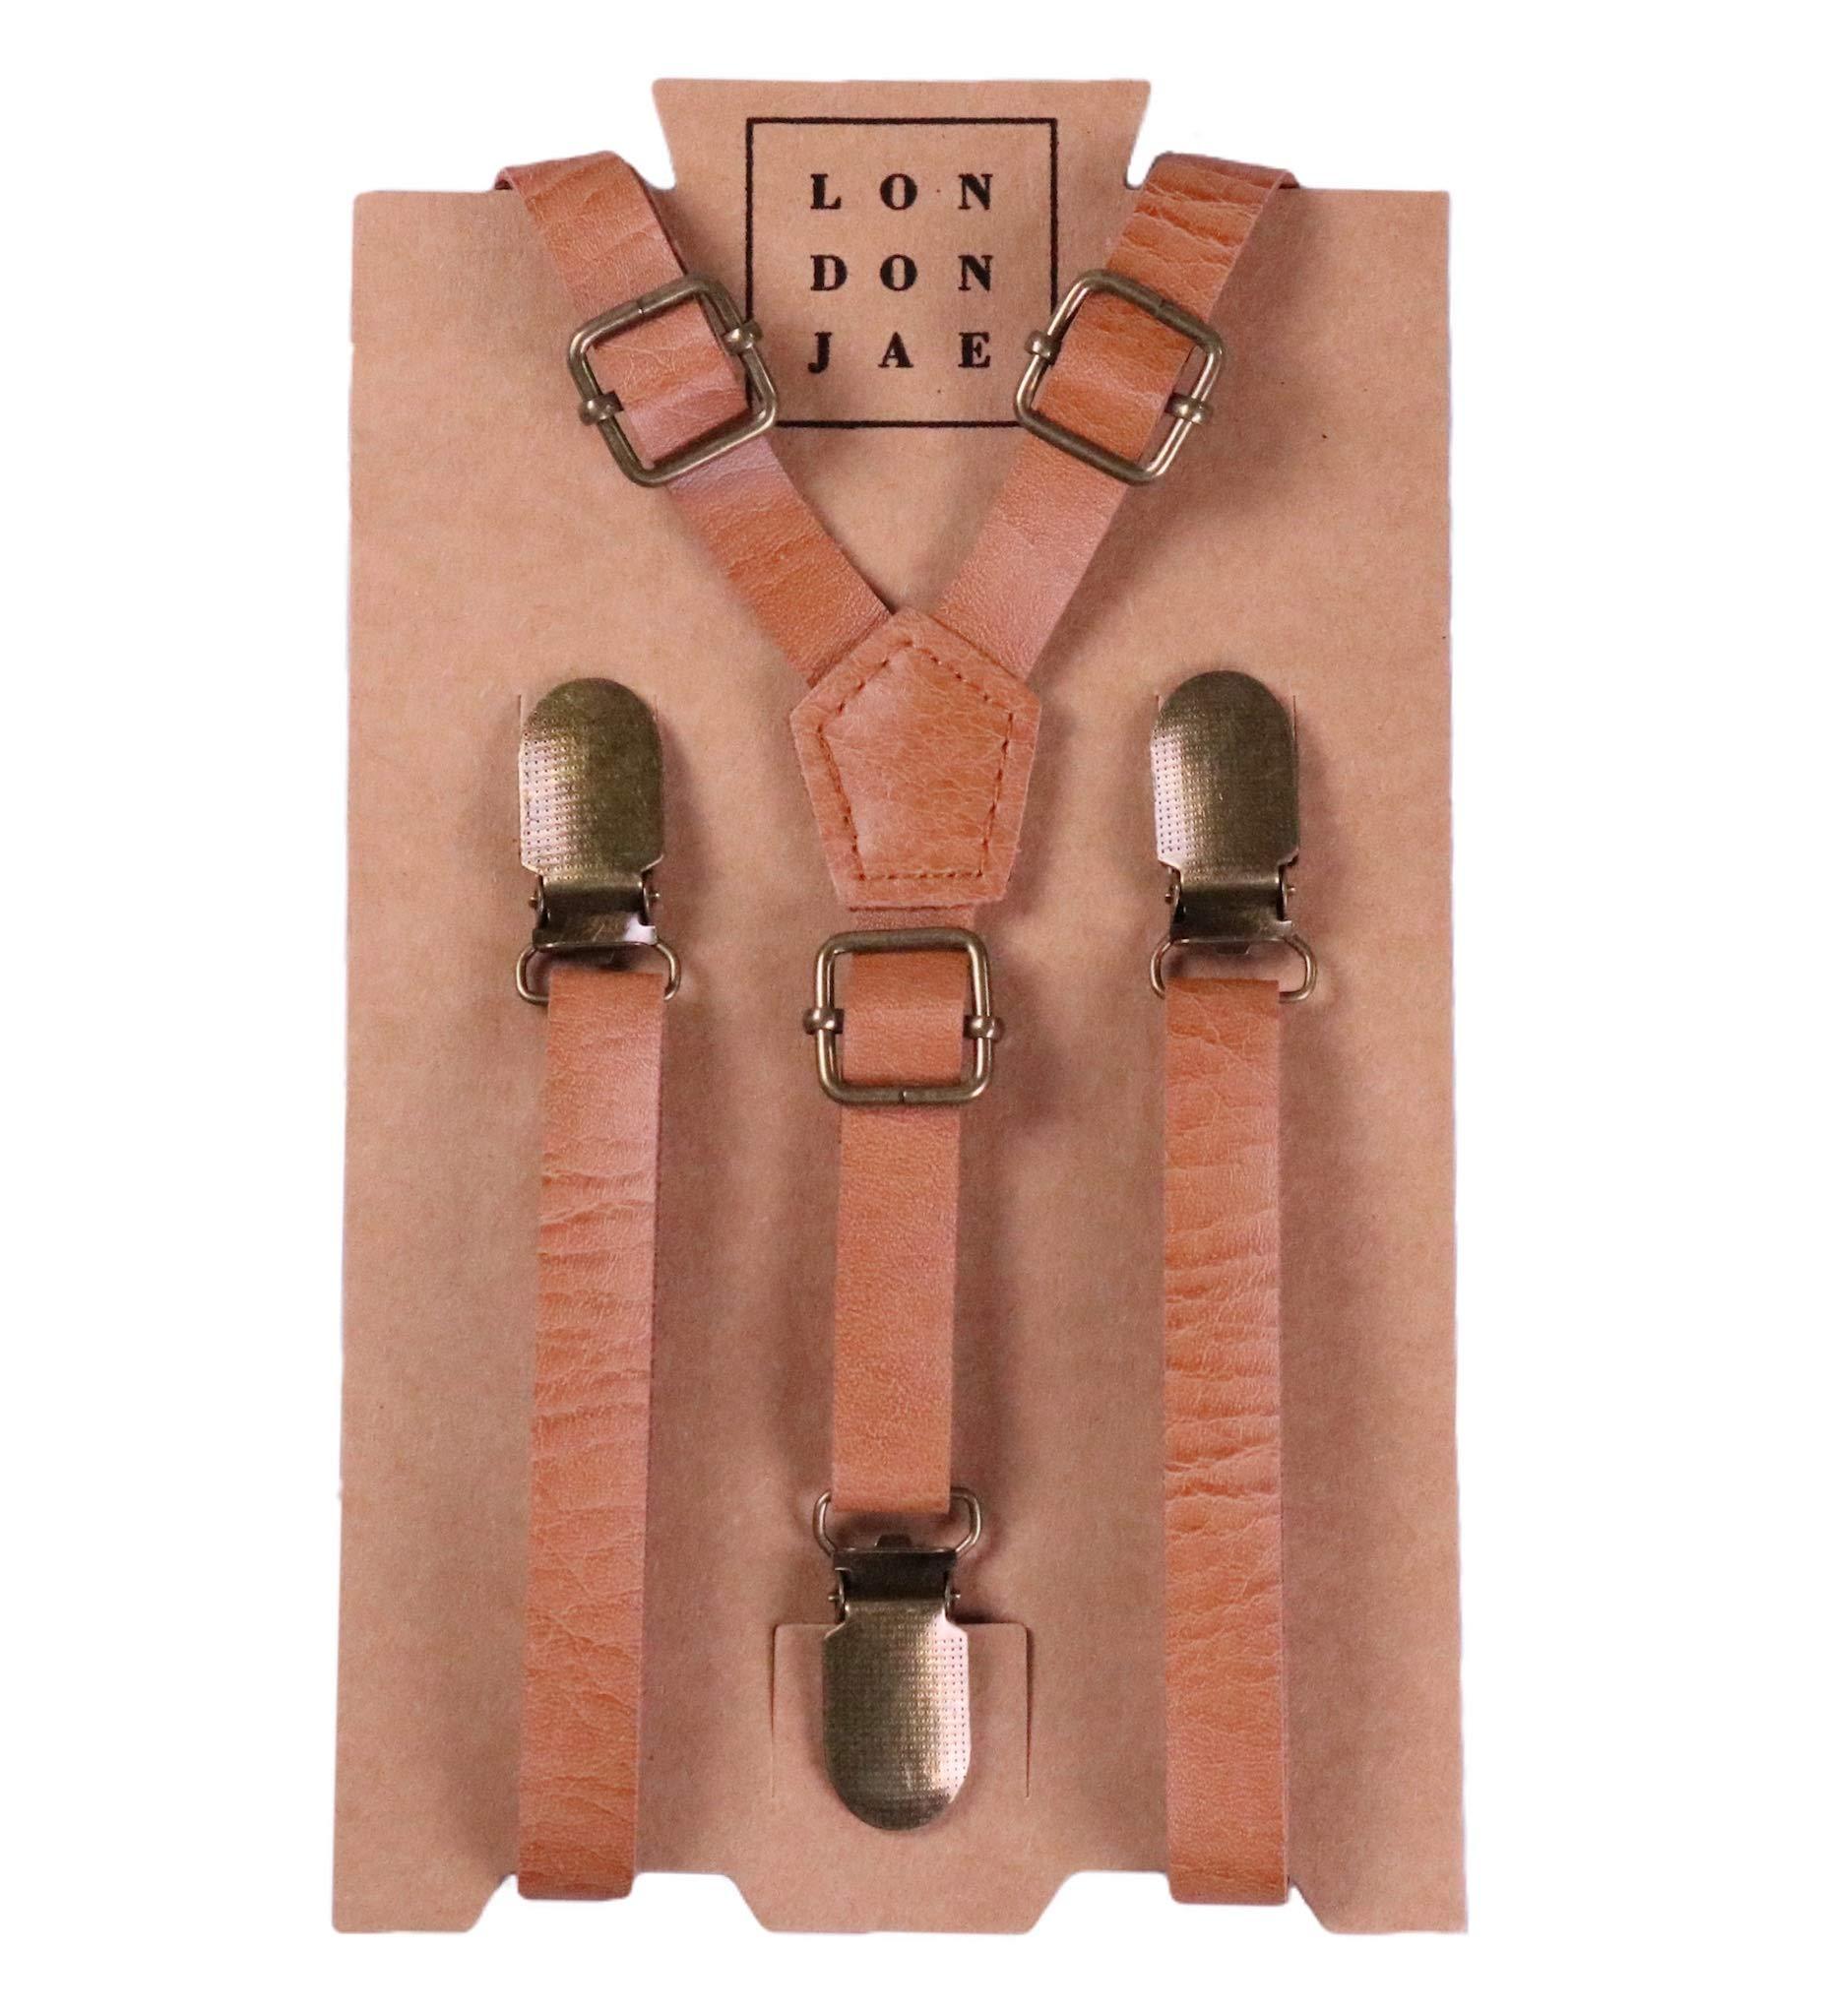 Suspenders for Kids - Adjustable Wedding Ring Bearer Skinny Leather Like Suspenders for Kids Ages 2 mos to 17 Years - By London Jae Apparel (Teen, Vintage Tan)